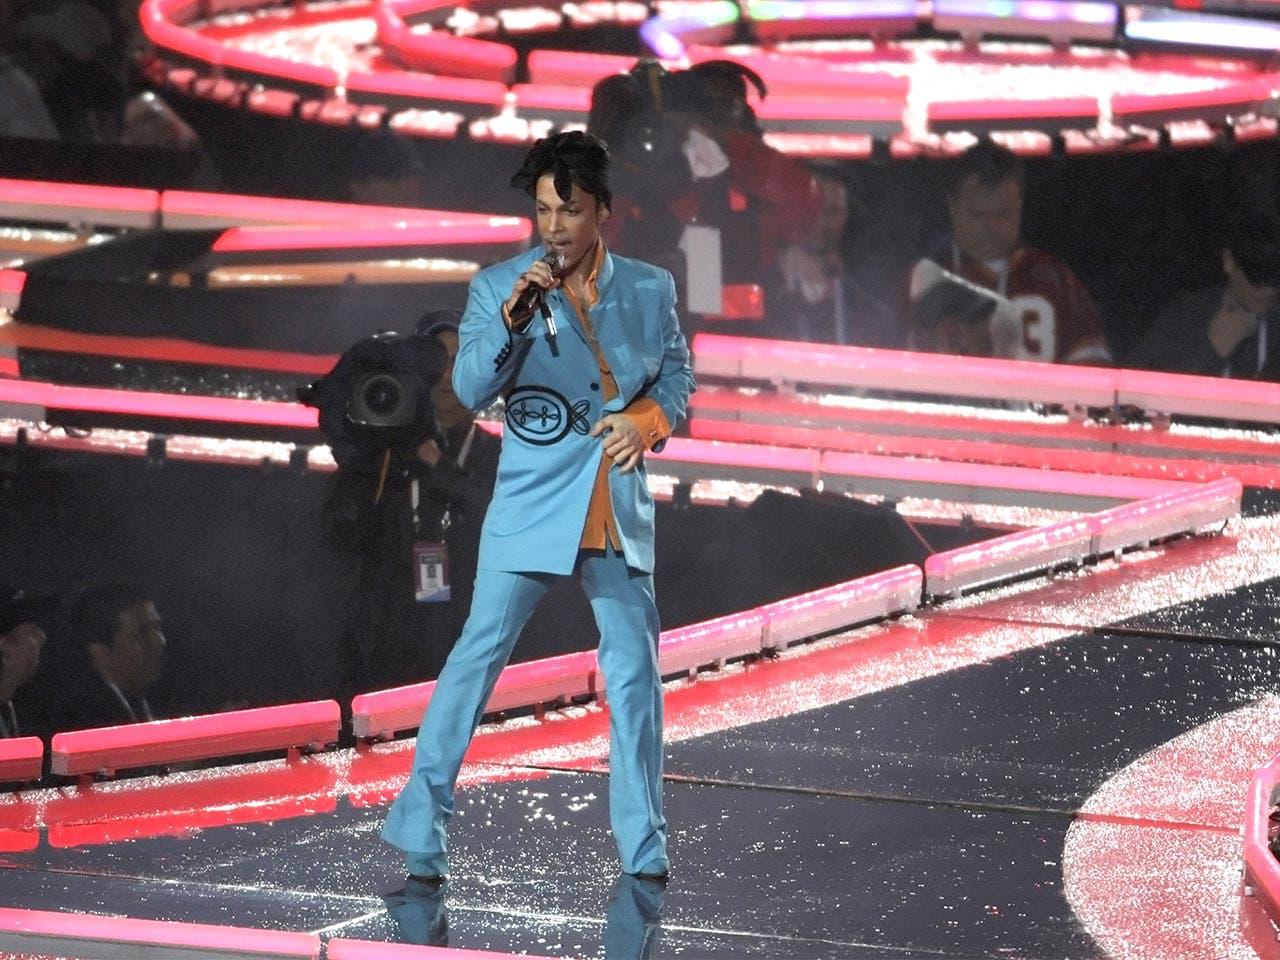 Prince | Anthony Correia/Shutterstock.com